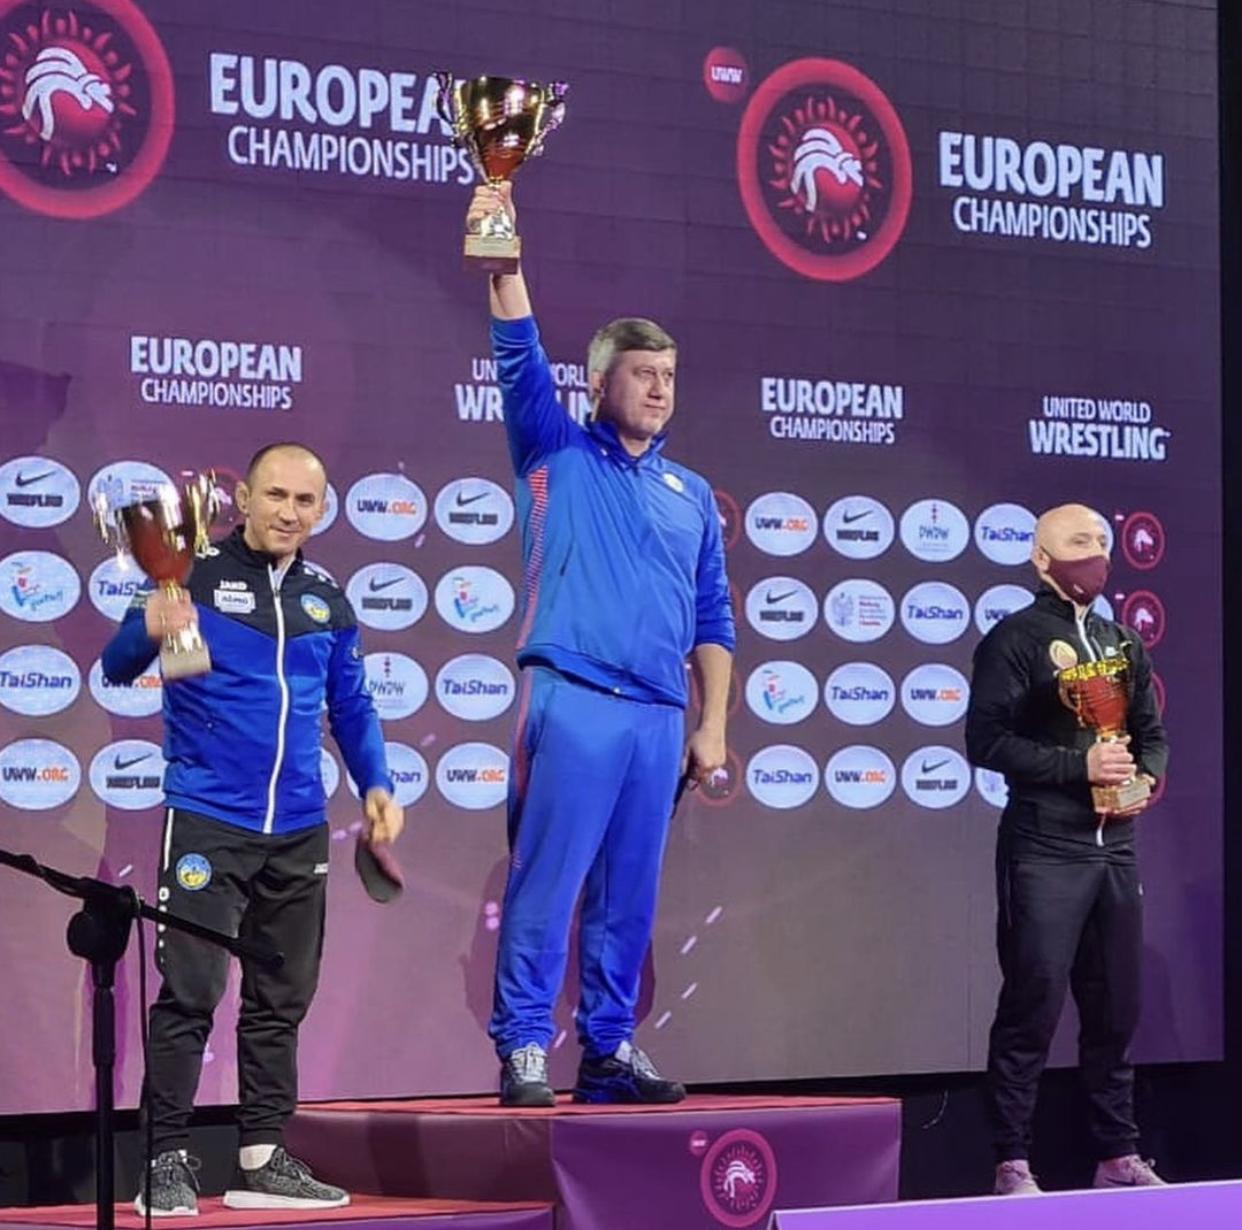 Сборная России по вольной борьбе победила в общекомандном зачете чемпионата Европы